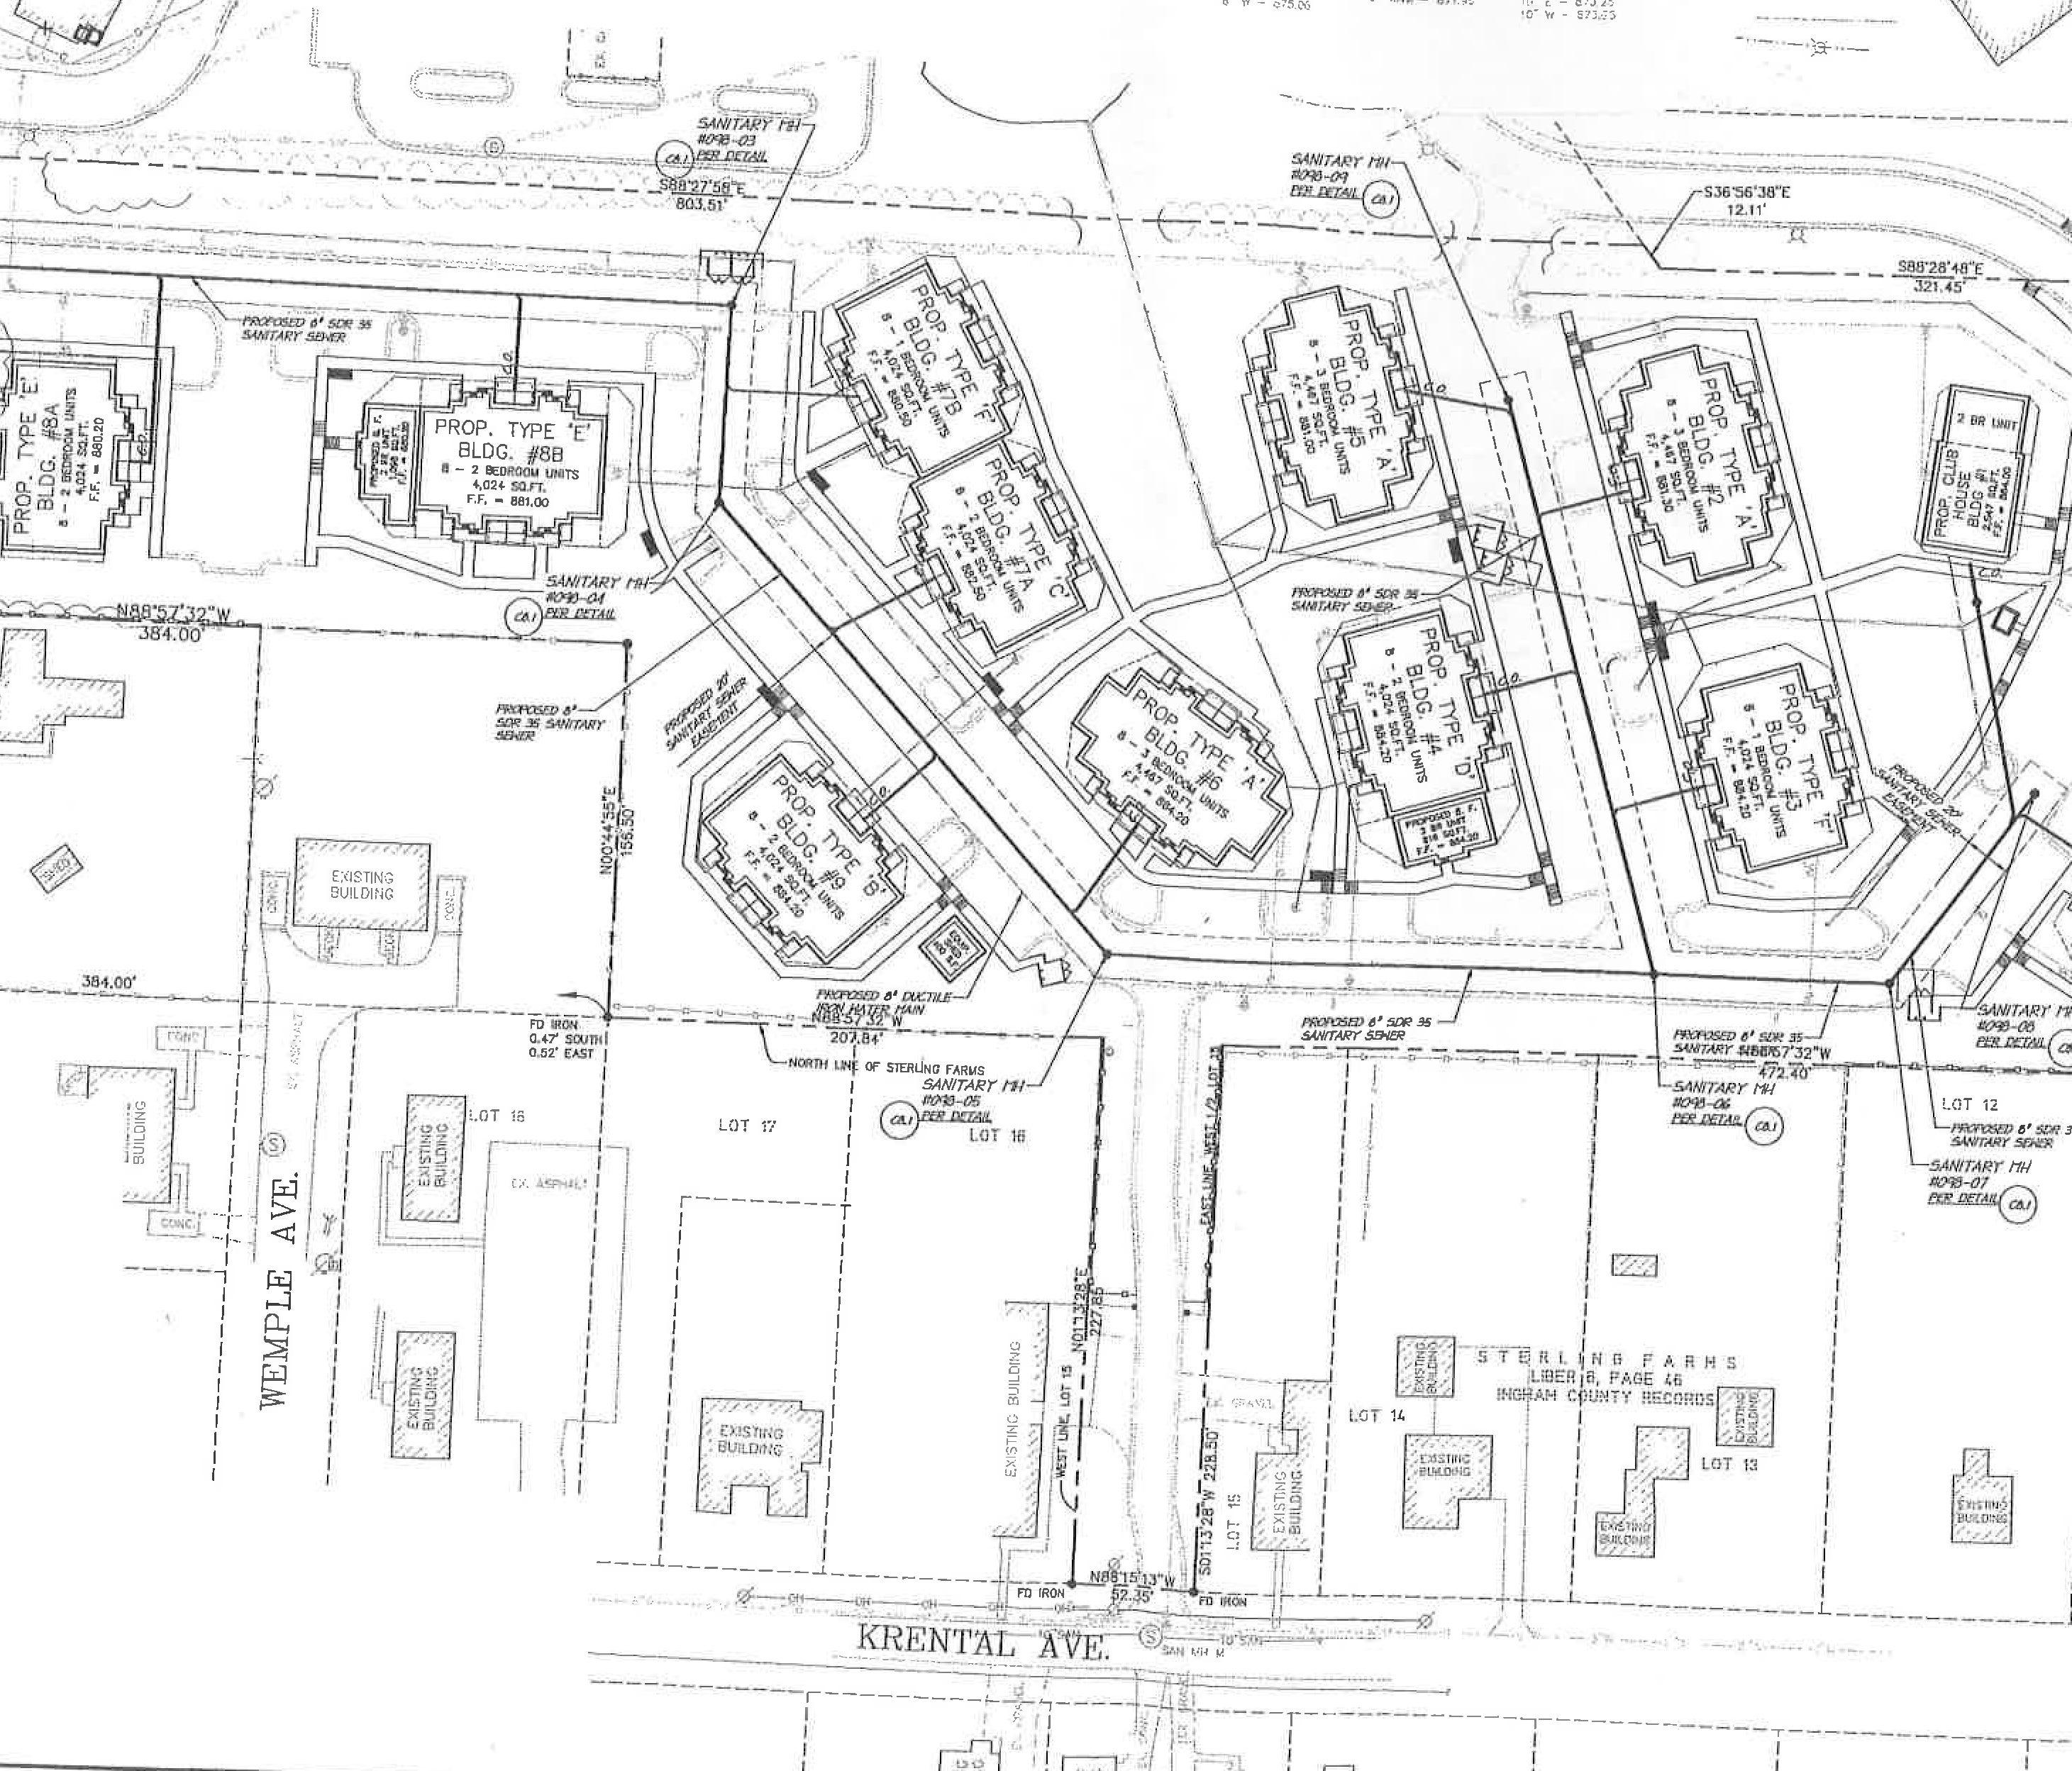 $11M apartment complex coming to Delhi Twp.